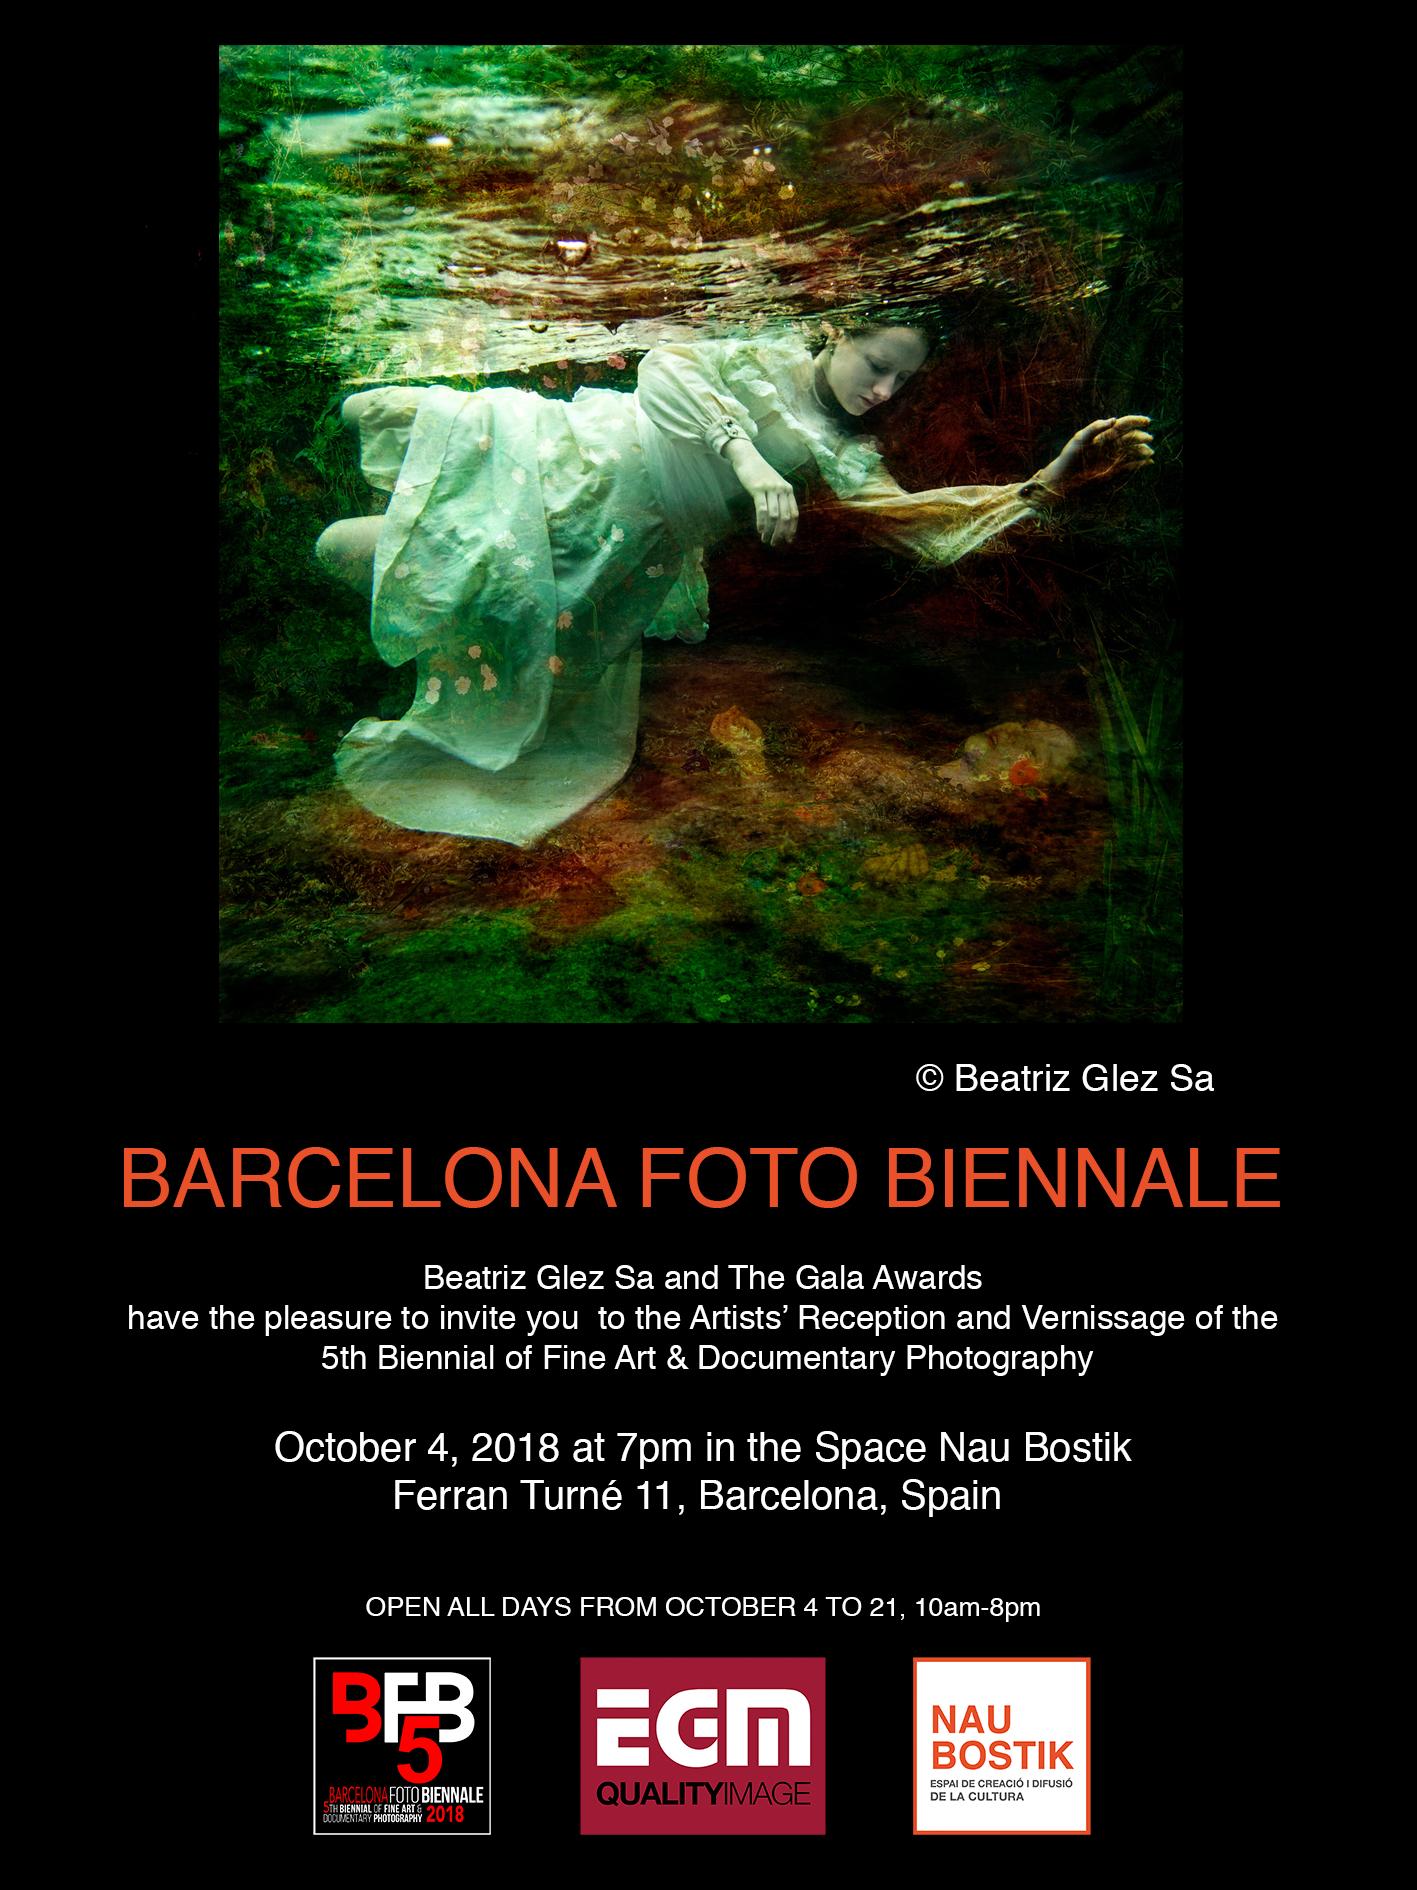 Beatriz-Glez-Sa-invitacion-ok-Biennal copy.jpg